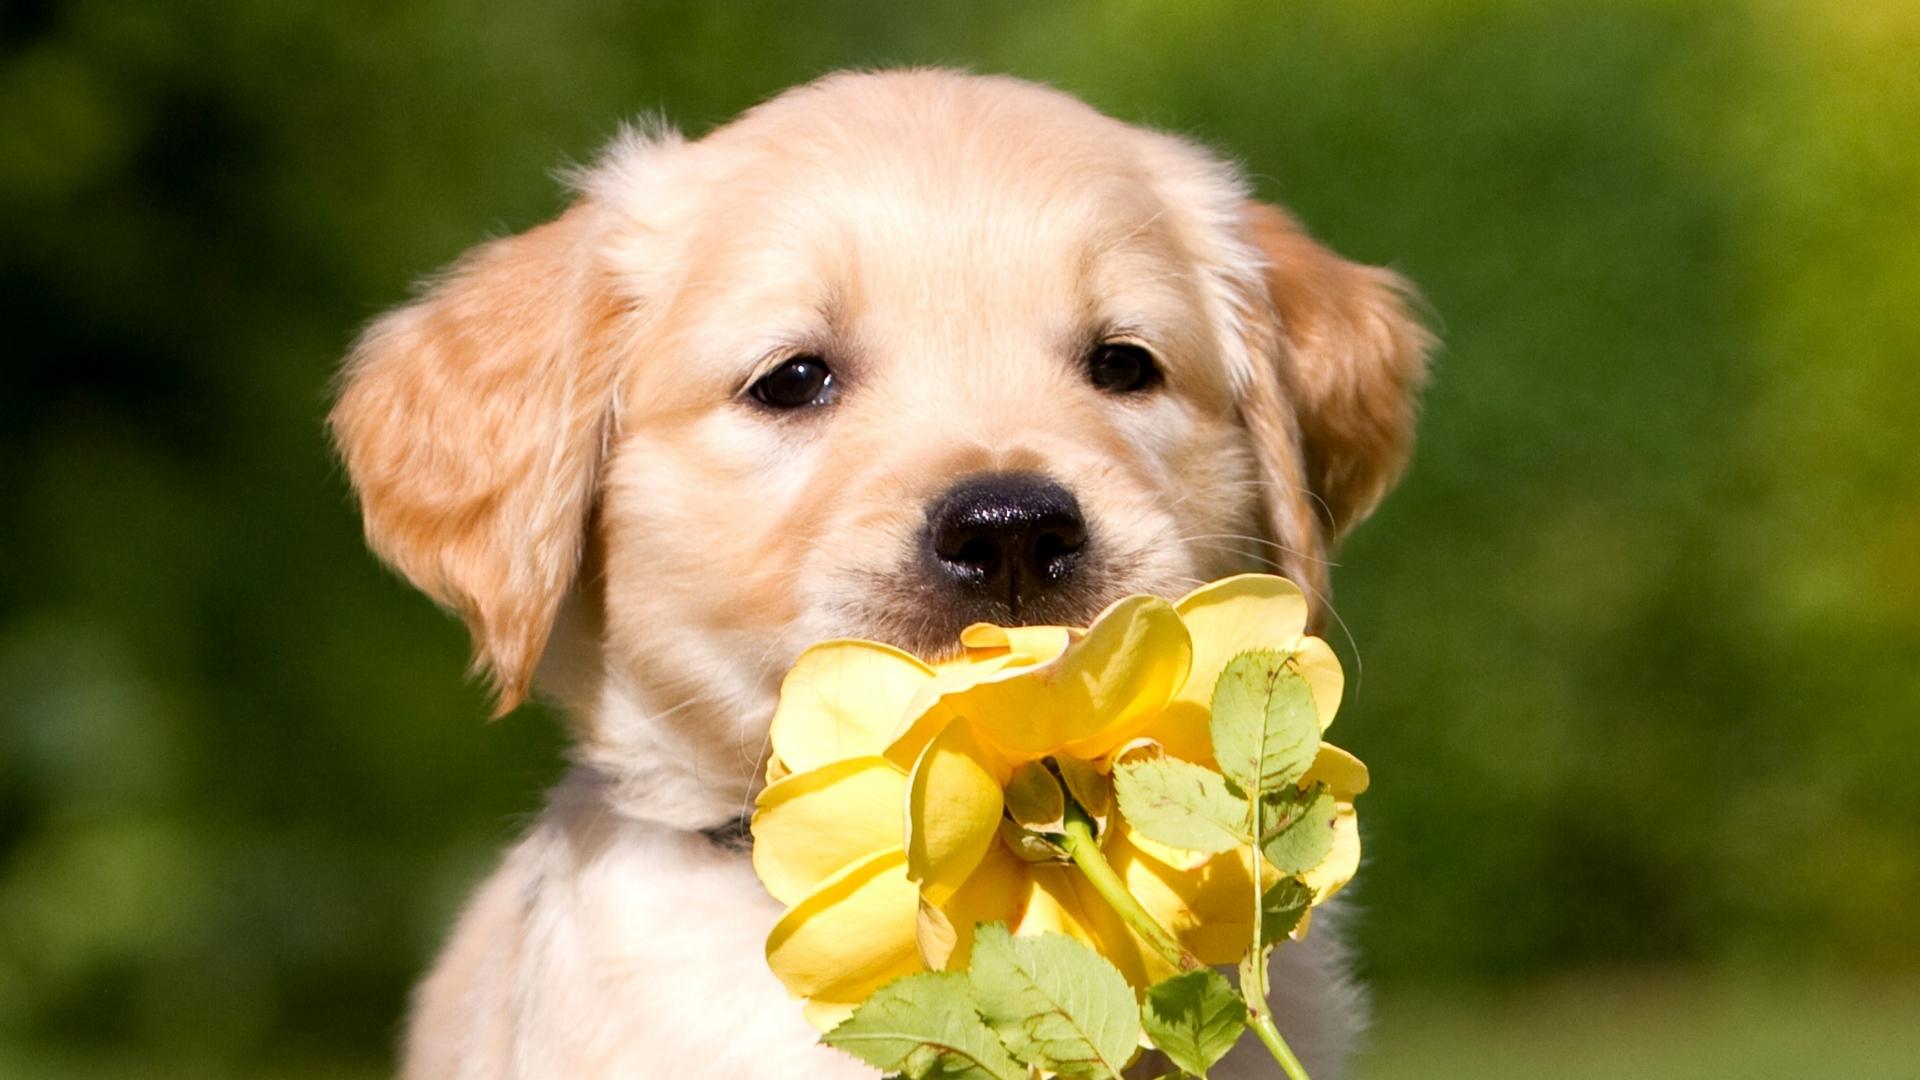 Cute Golden Retriever With Flowers 1920x1080 Download Hd Wallpaper Wallpapertip